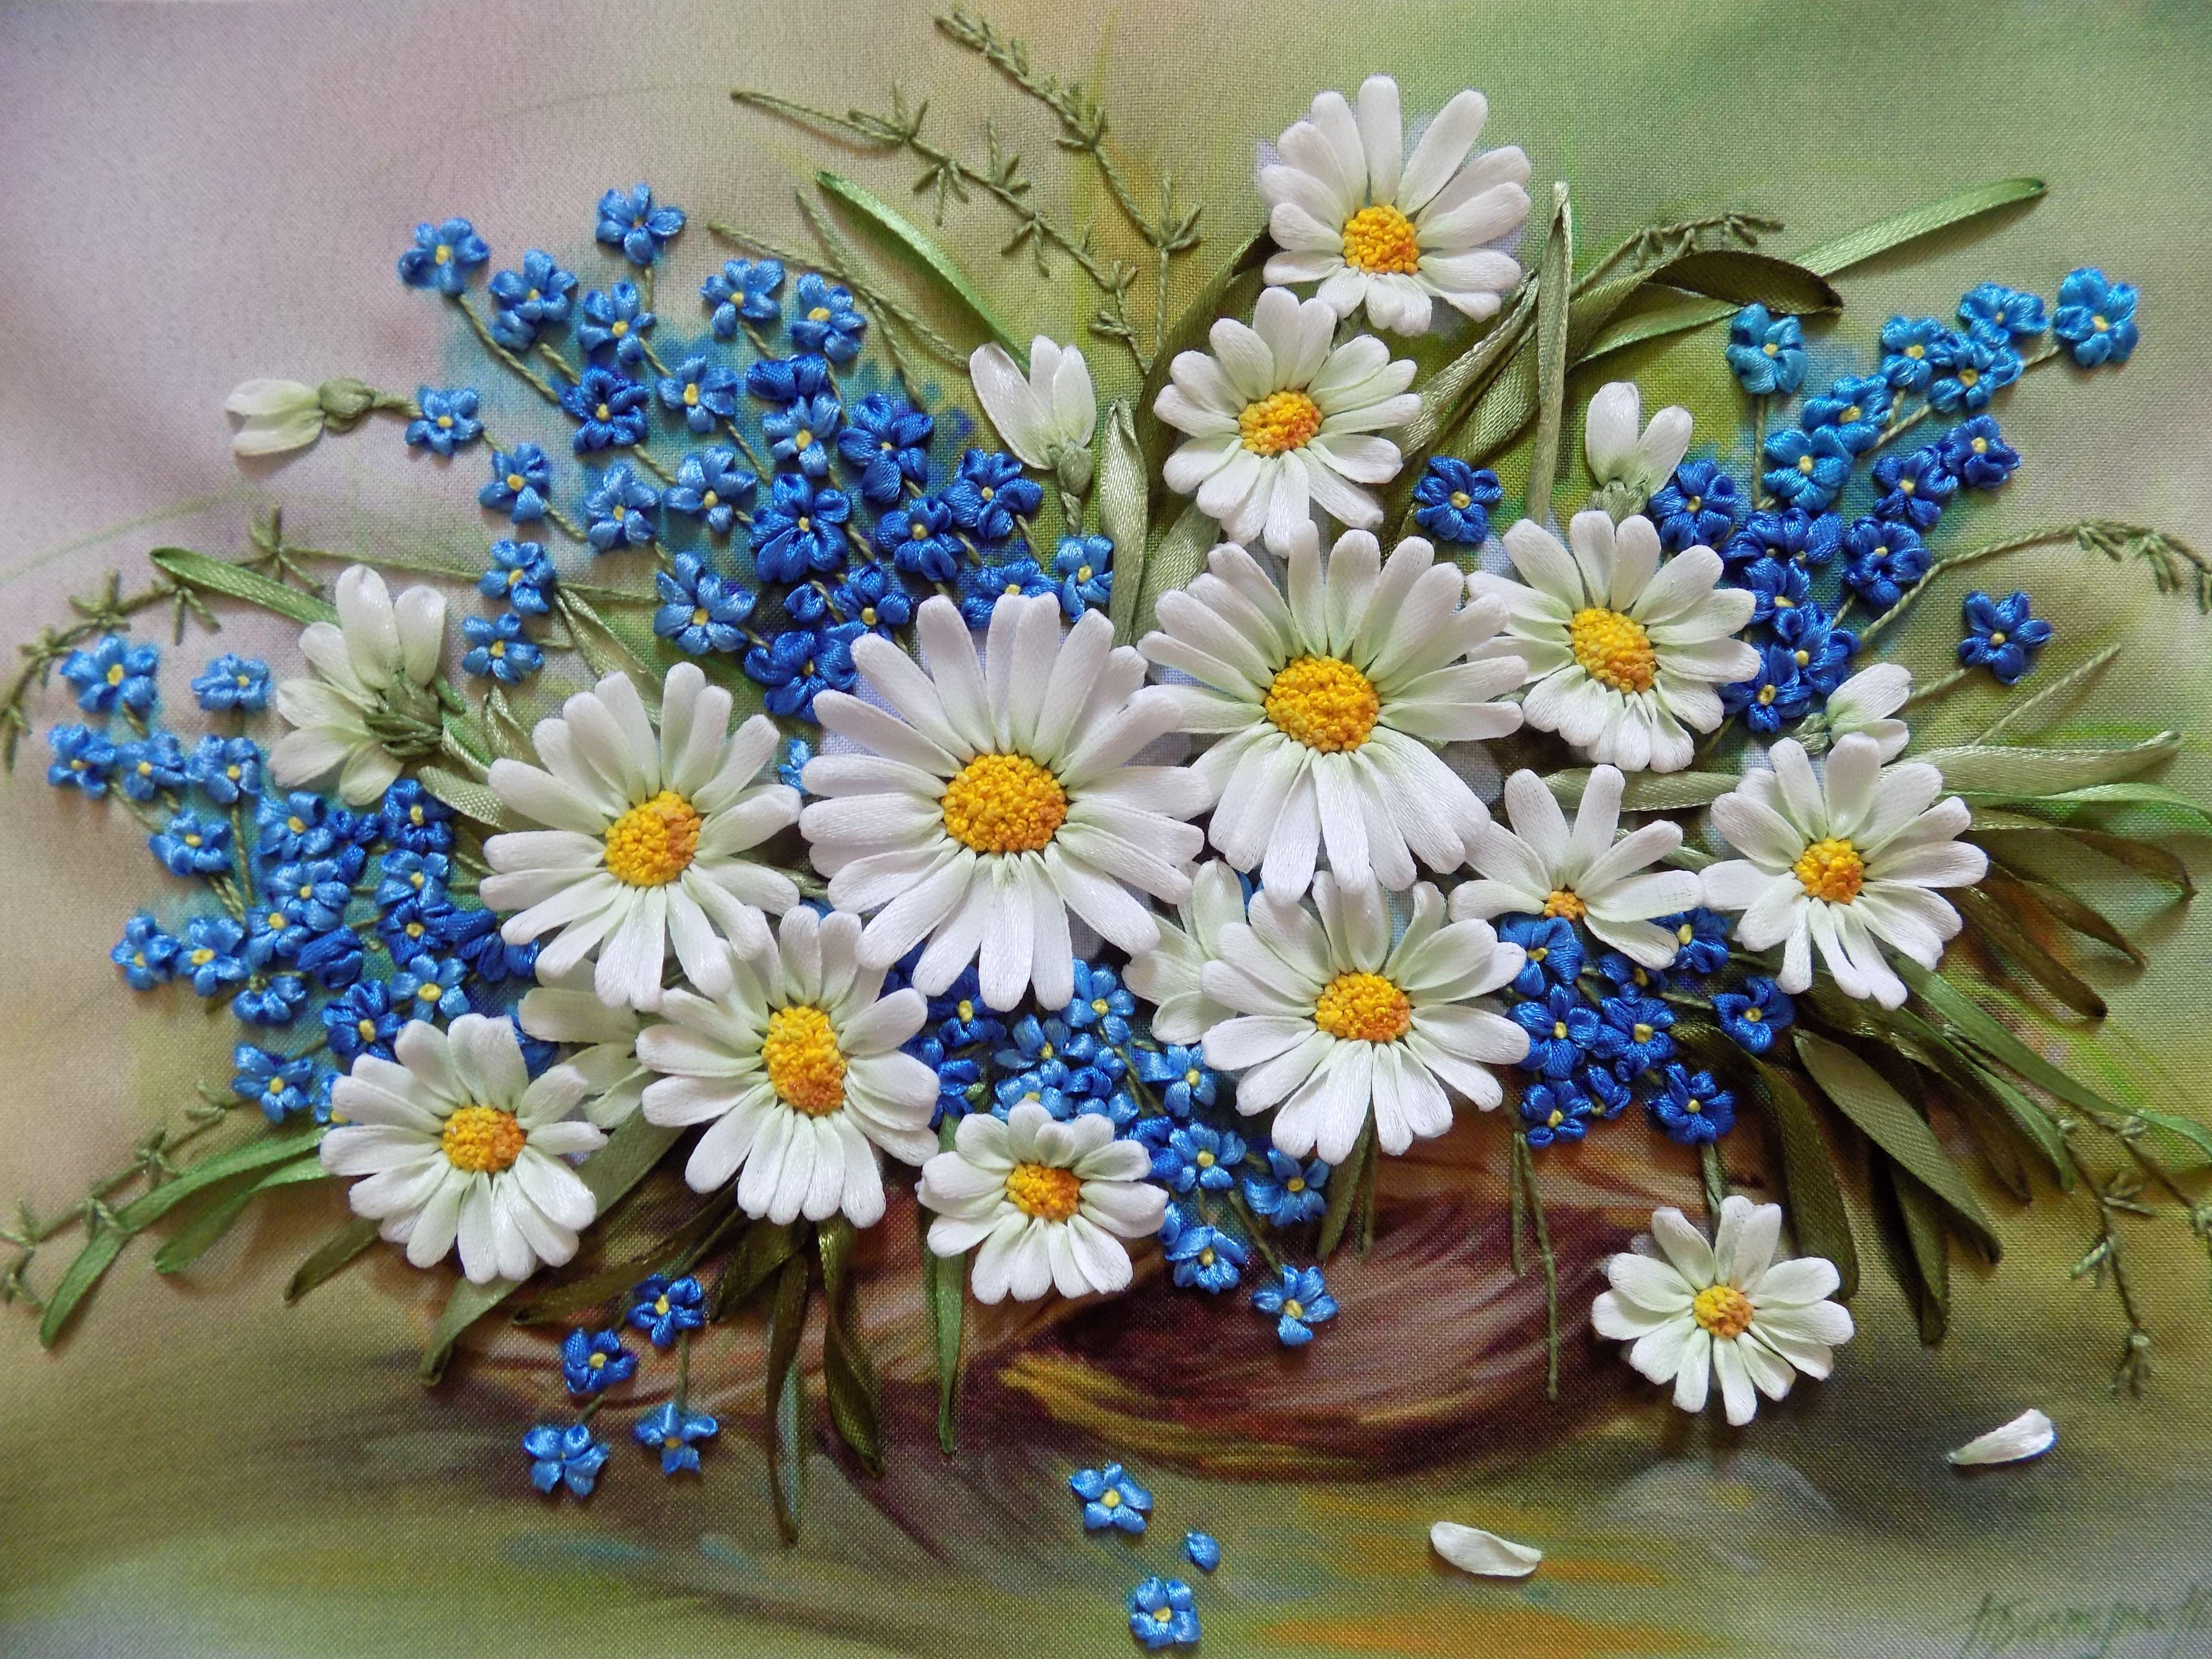 Полевые цветы. Вышивка лентами. Автор: Разживалова Наталья